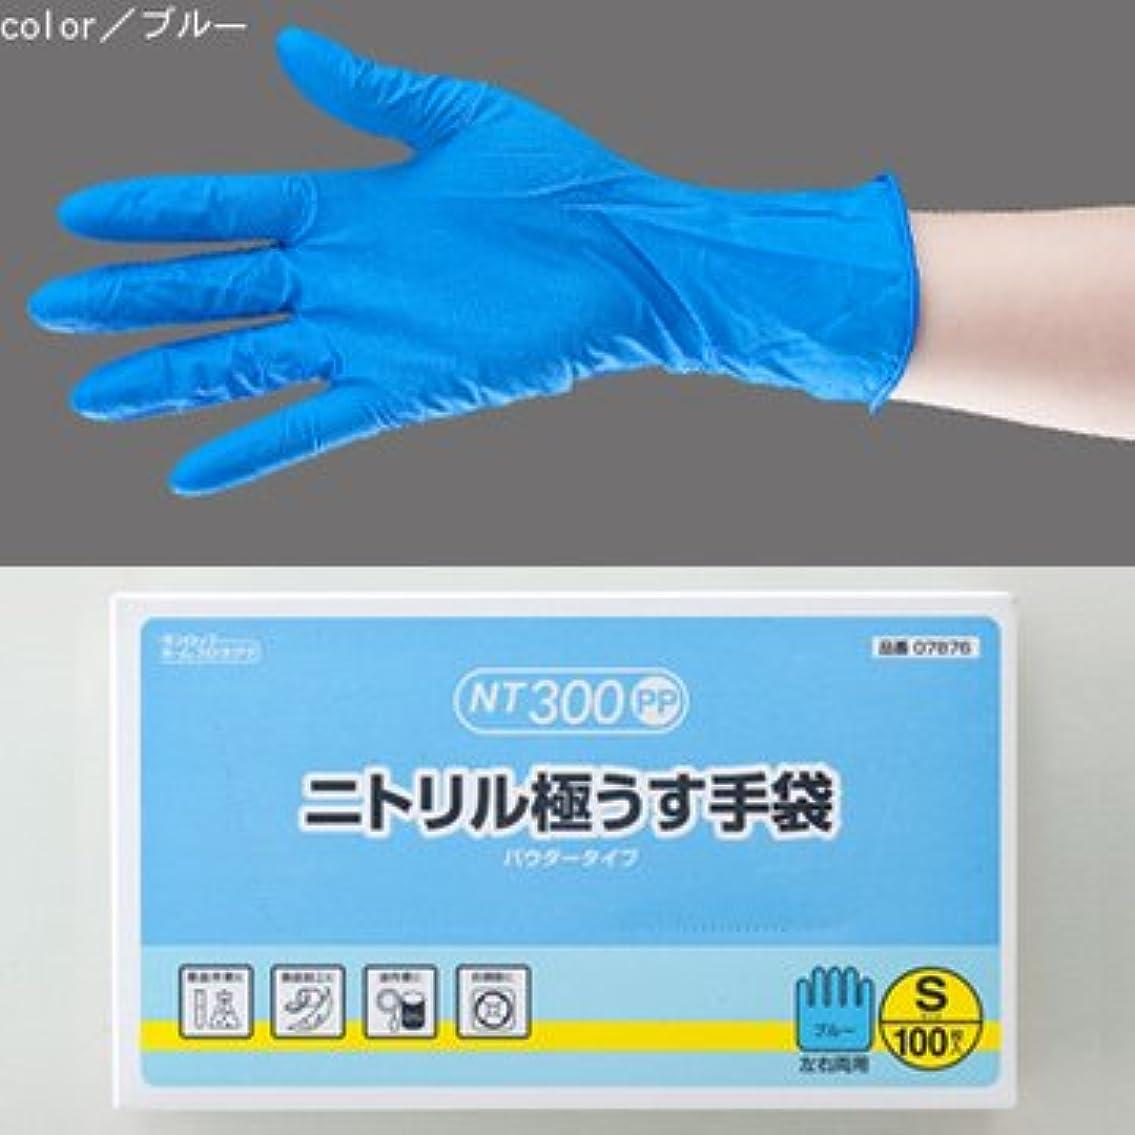 食欲移動するドレインニトリル極うす手袋 NT300PP 100枚入り (S)